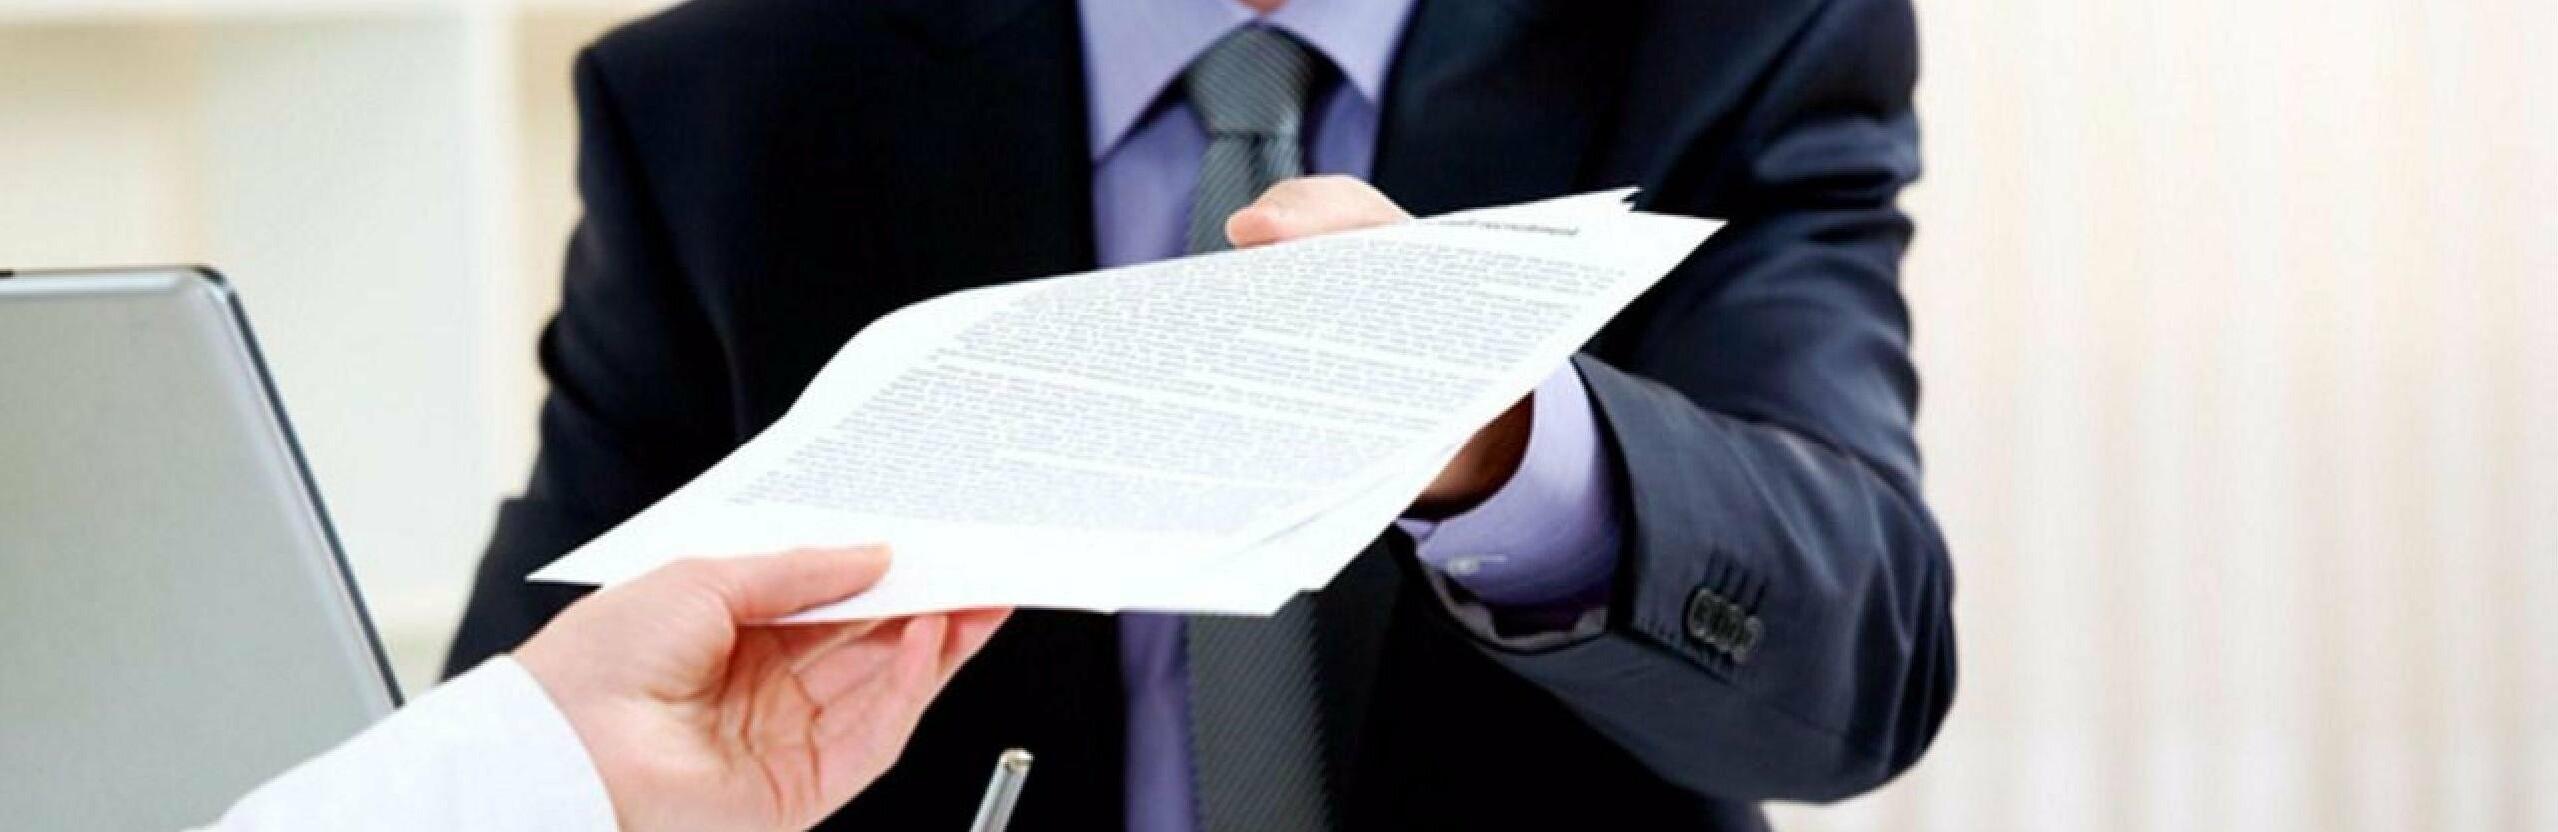 Картинки по запросу государство оштрафовало работодателей